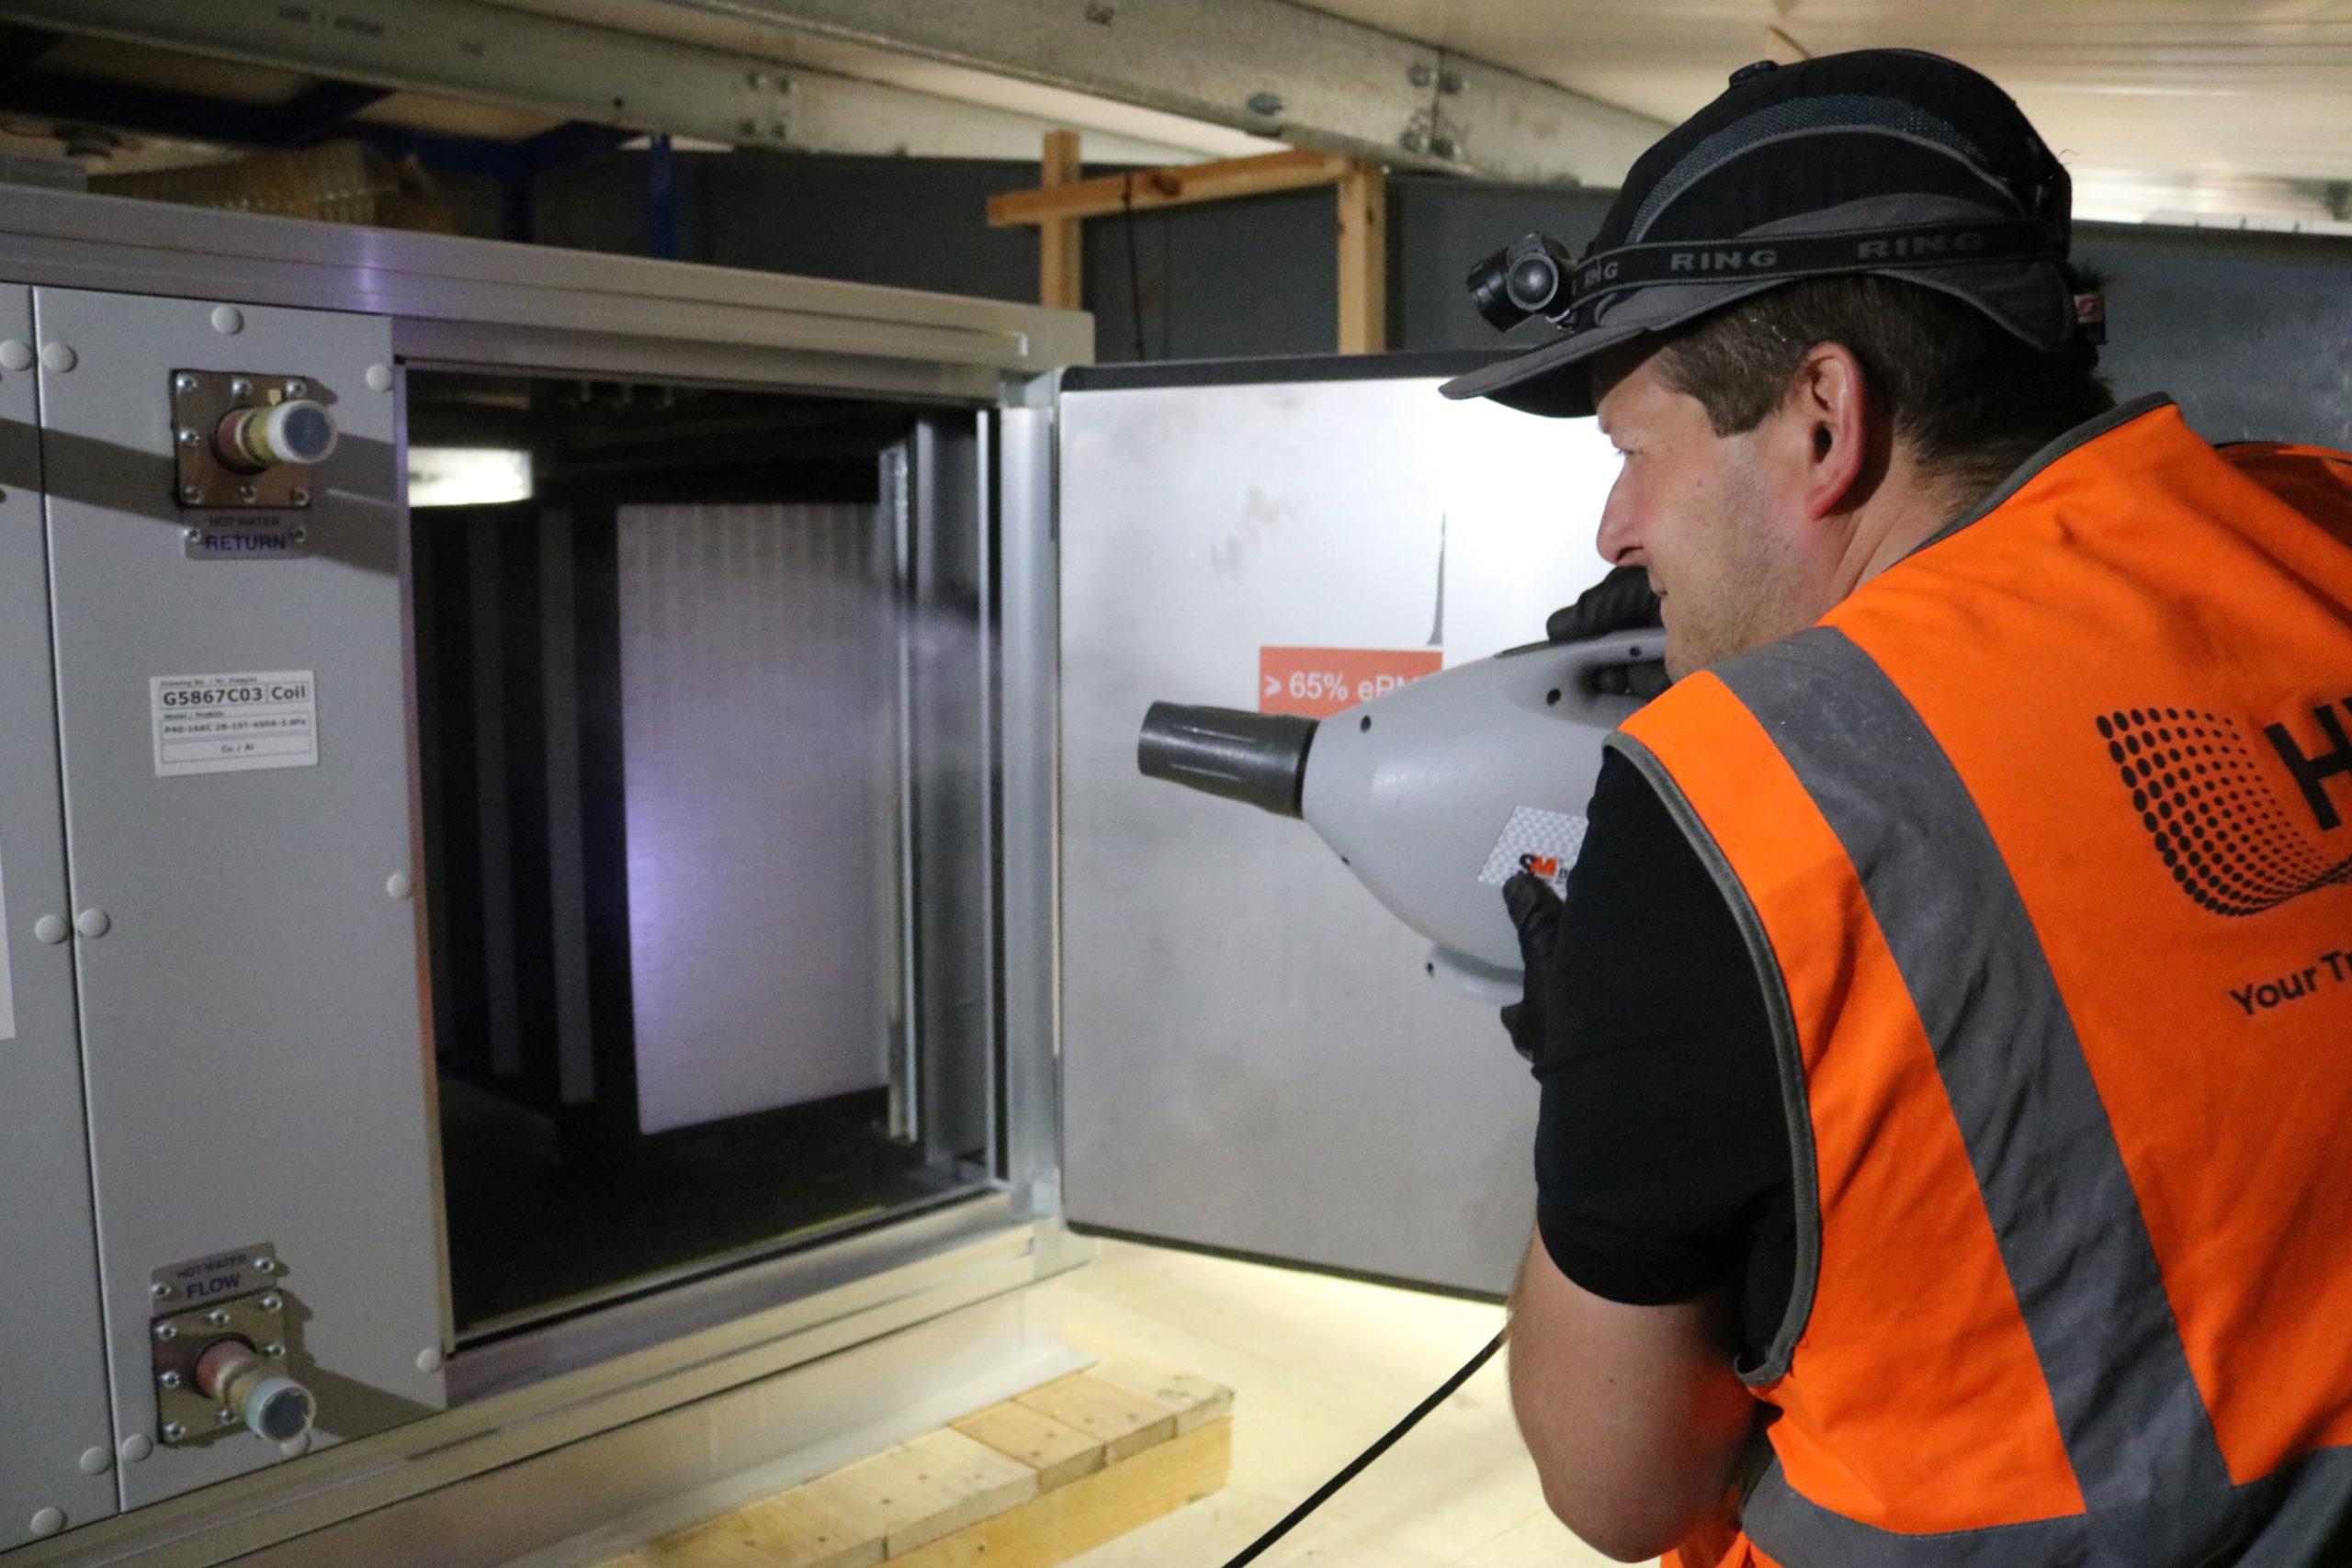 Engineer fogging air filter in AHU